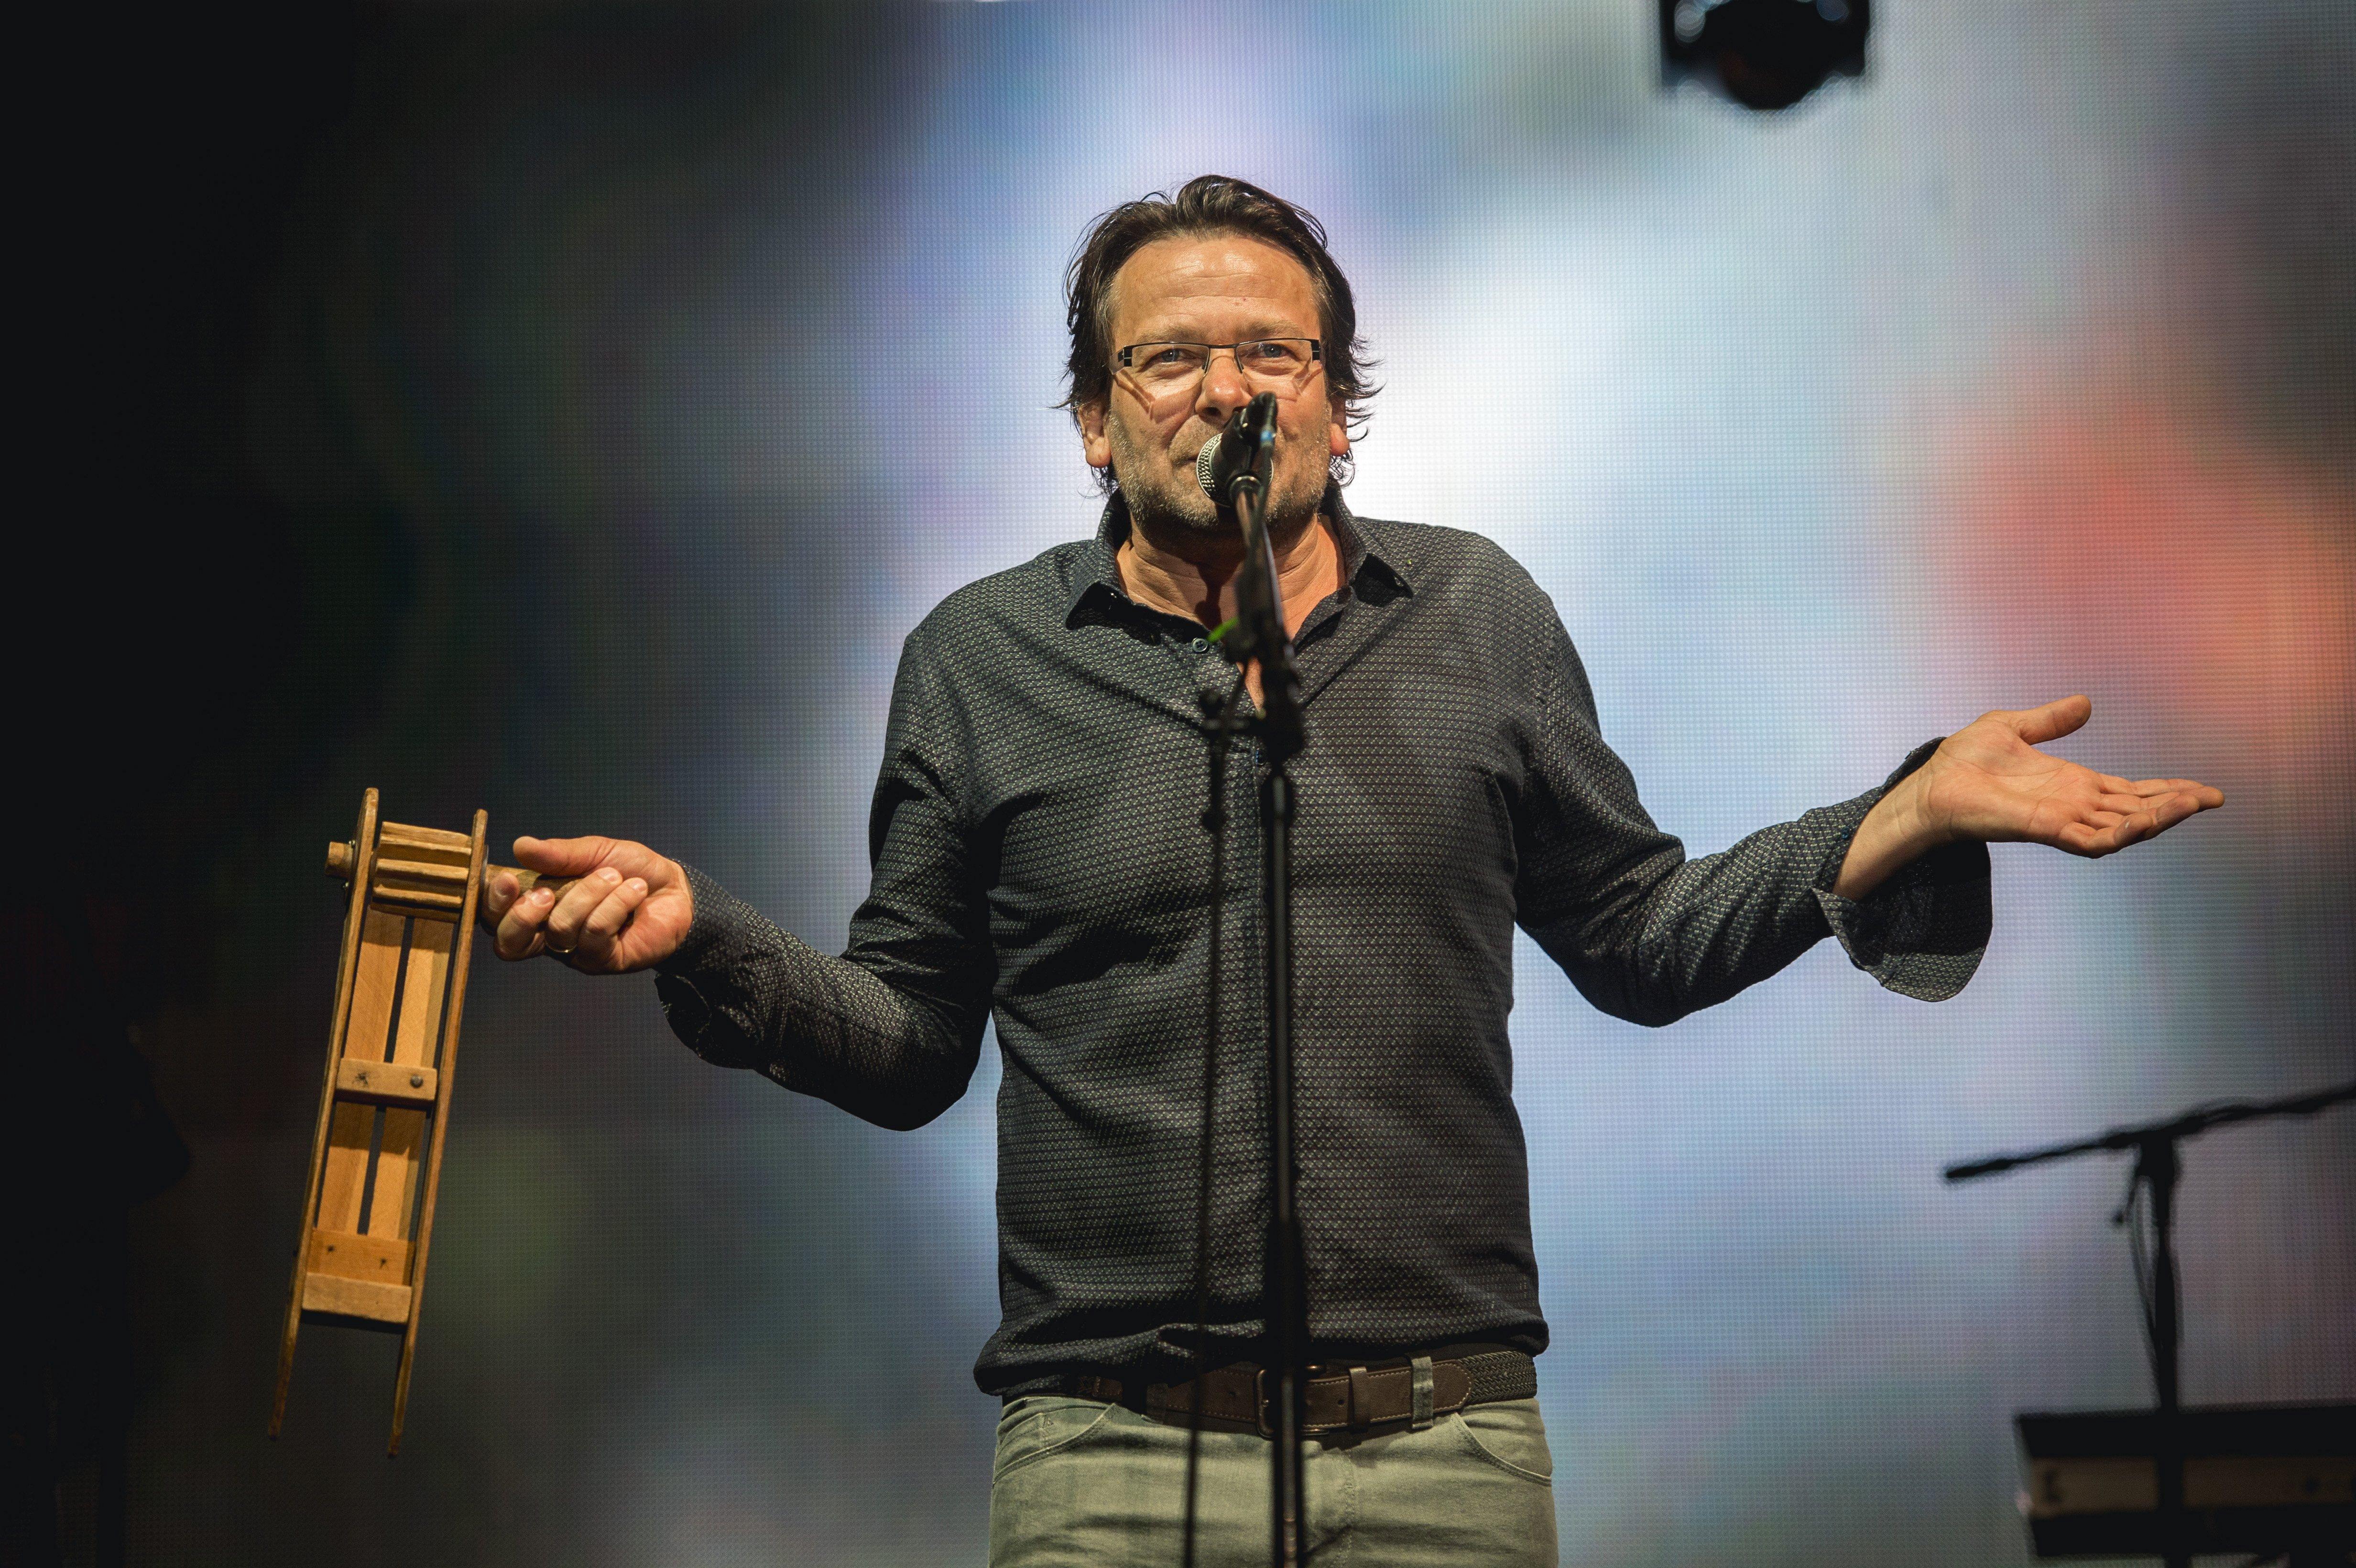 Pályázaton osztja szét Lovasi András a raktárkoncertes gázsiját